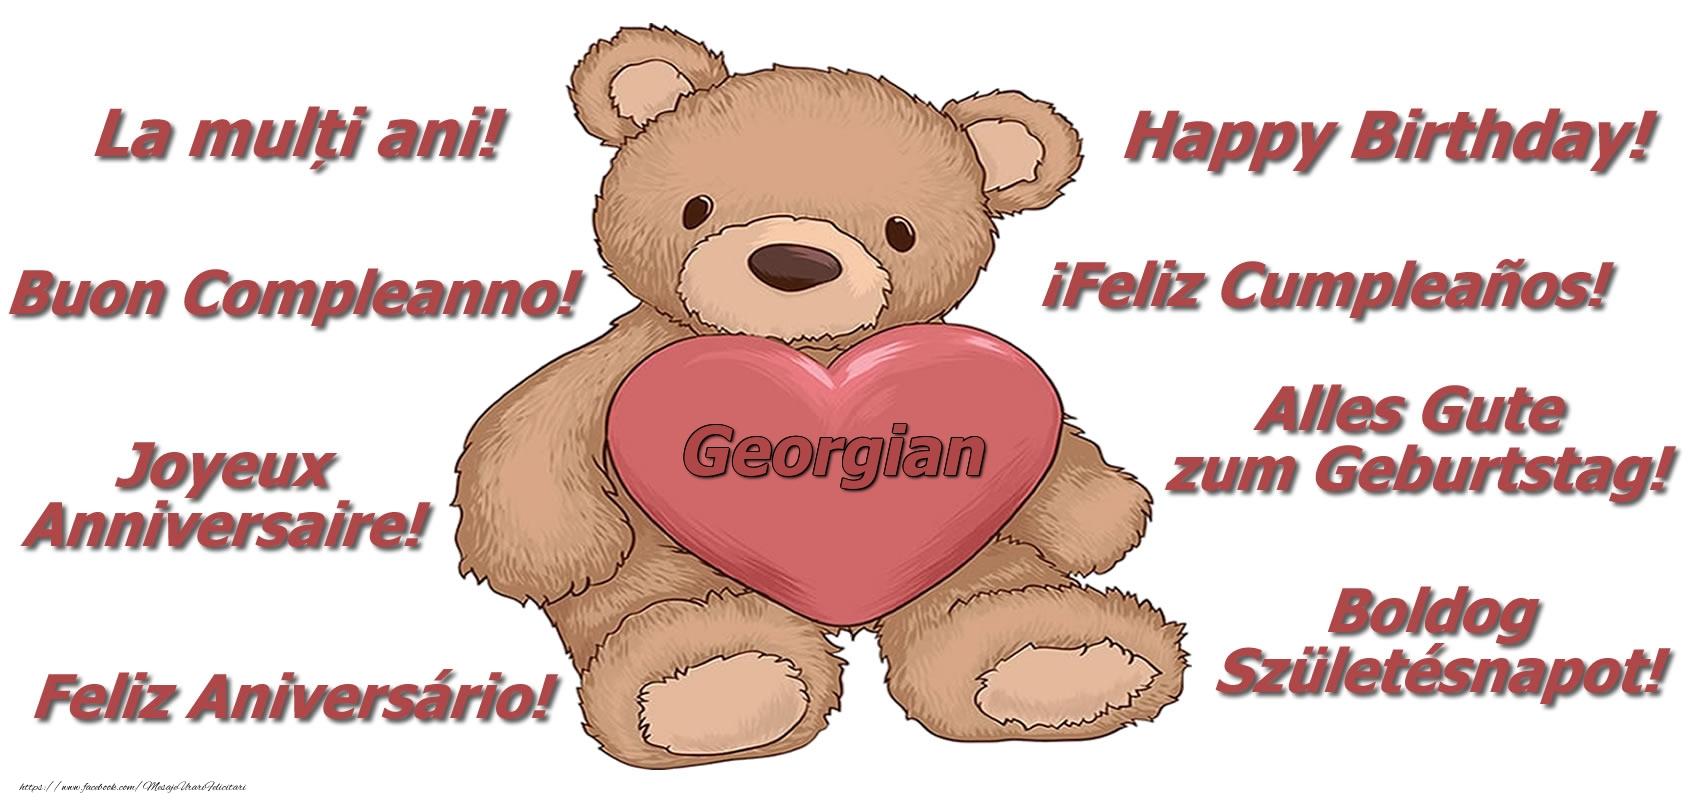 Felicitari de zi de nastere - La multi ani Georgian! - Ursulet